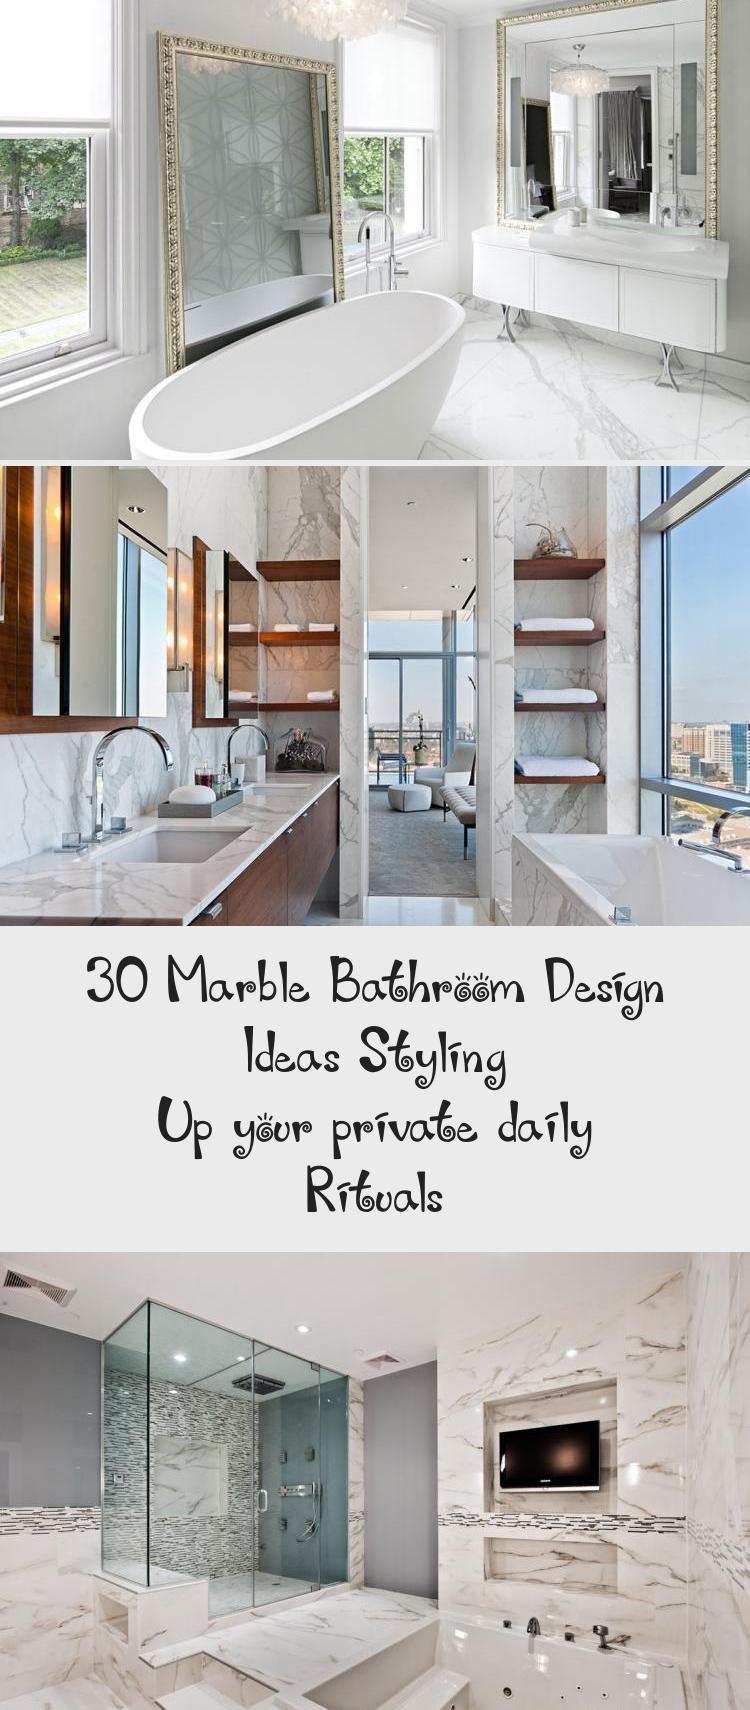 30 Designideen Fur Marmorbader Gestalten Sie Ihre Privaten Taglichen Rituale Badezimmer In 2020 Marble Bathroom Designs Marble Bathroom Bathroom Design